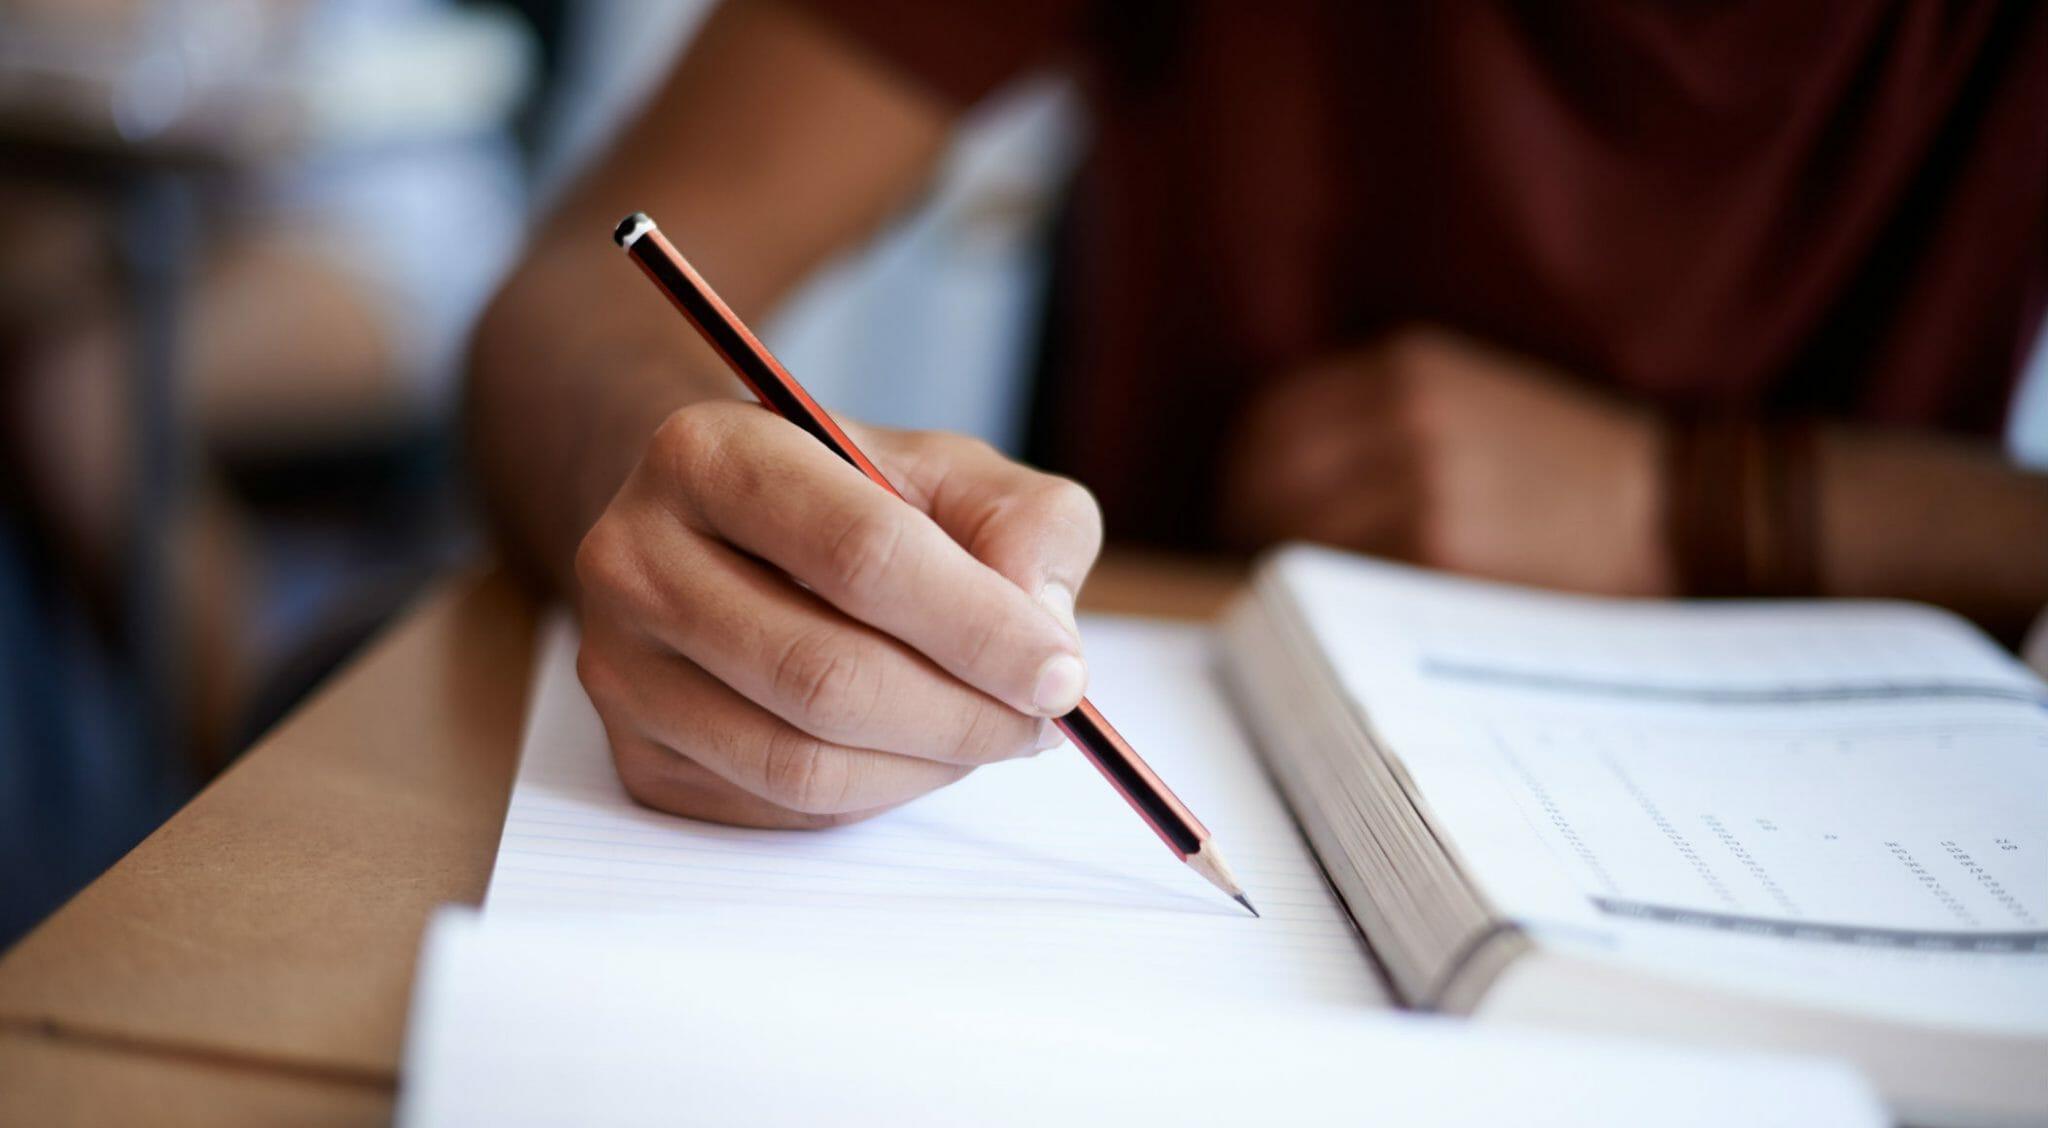 scrivere scuola universita studente giovani scrittura